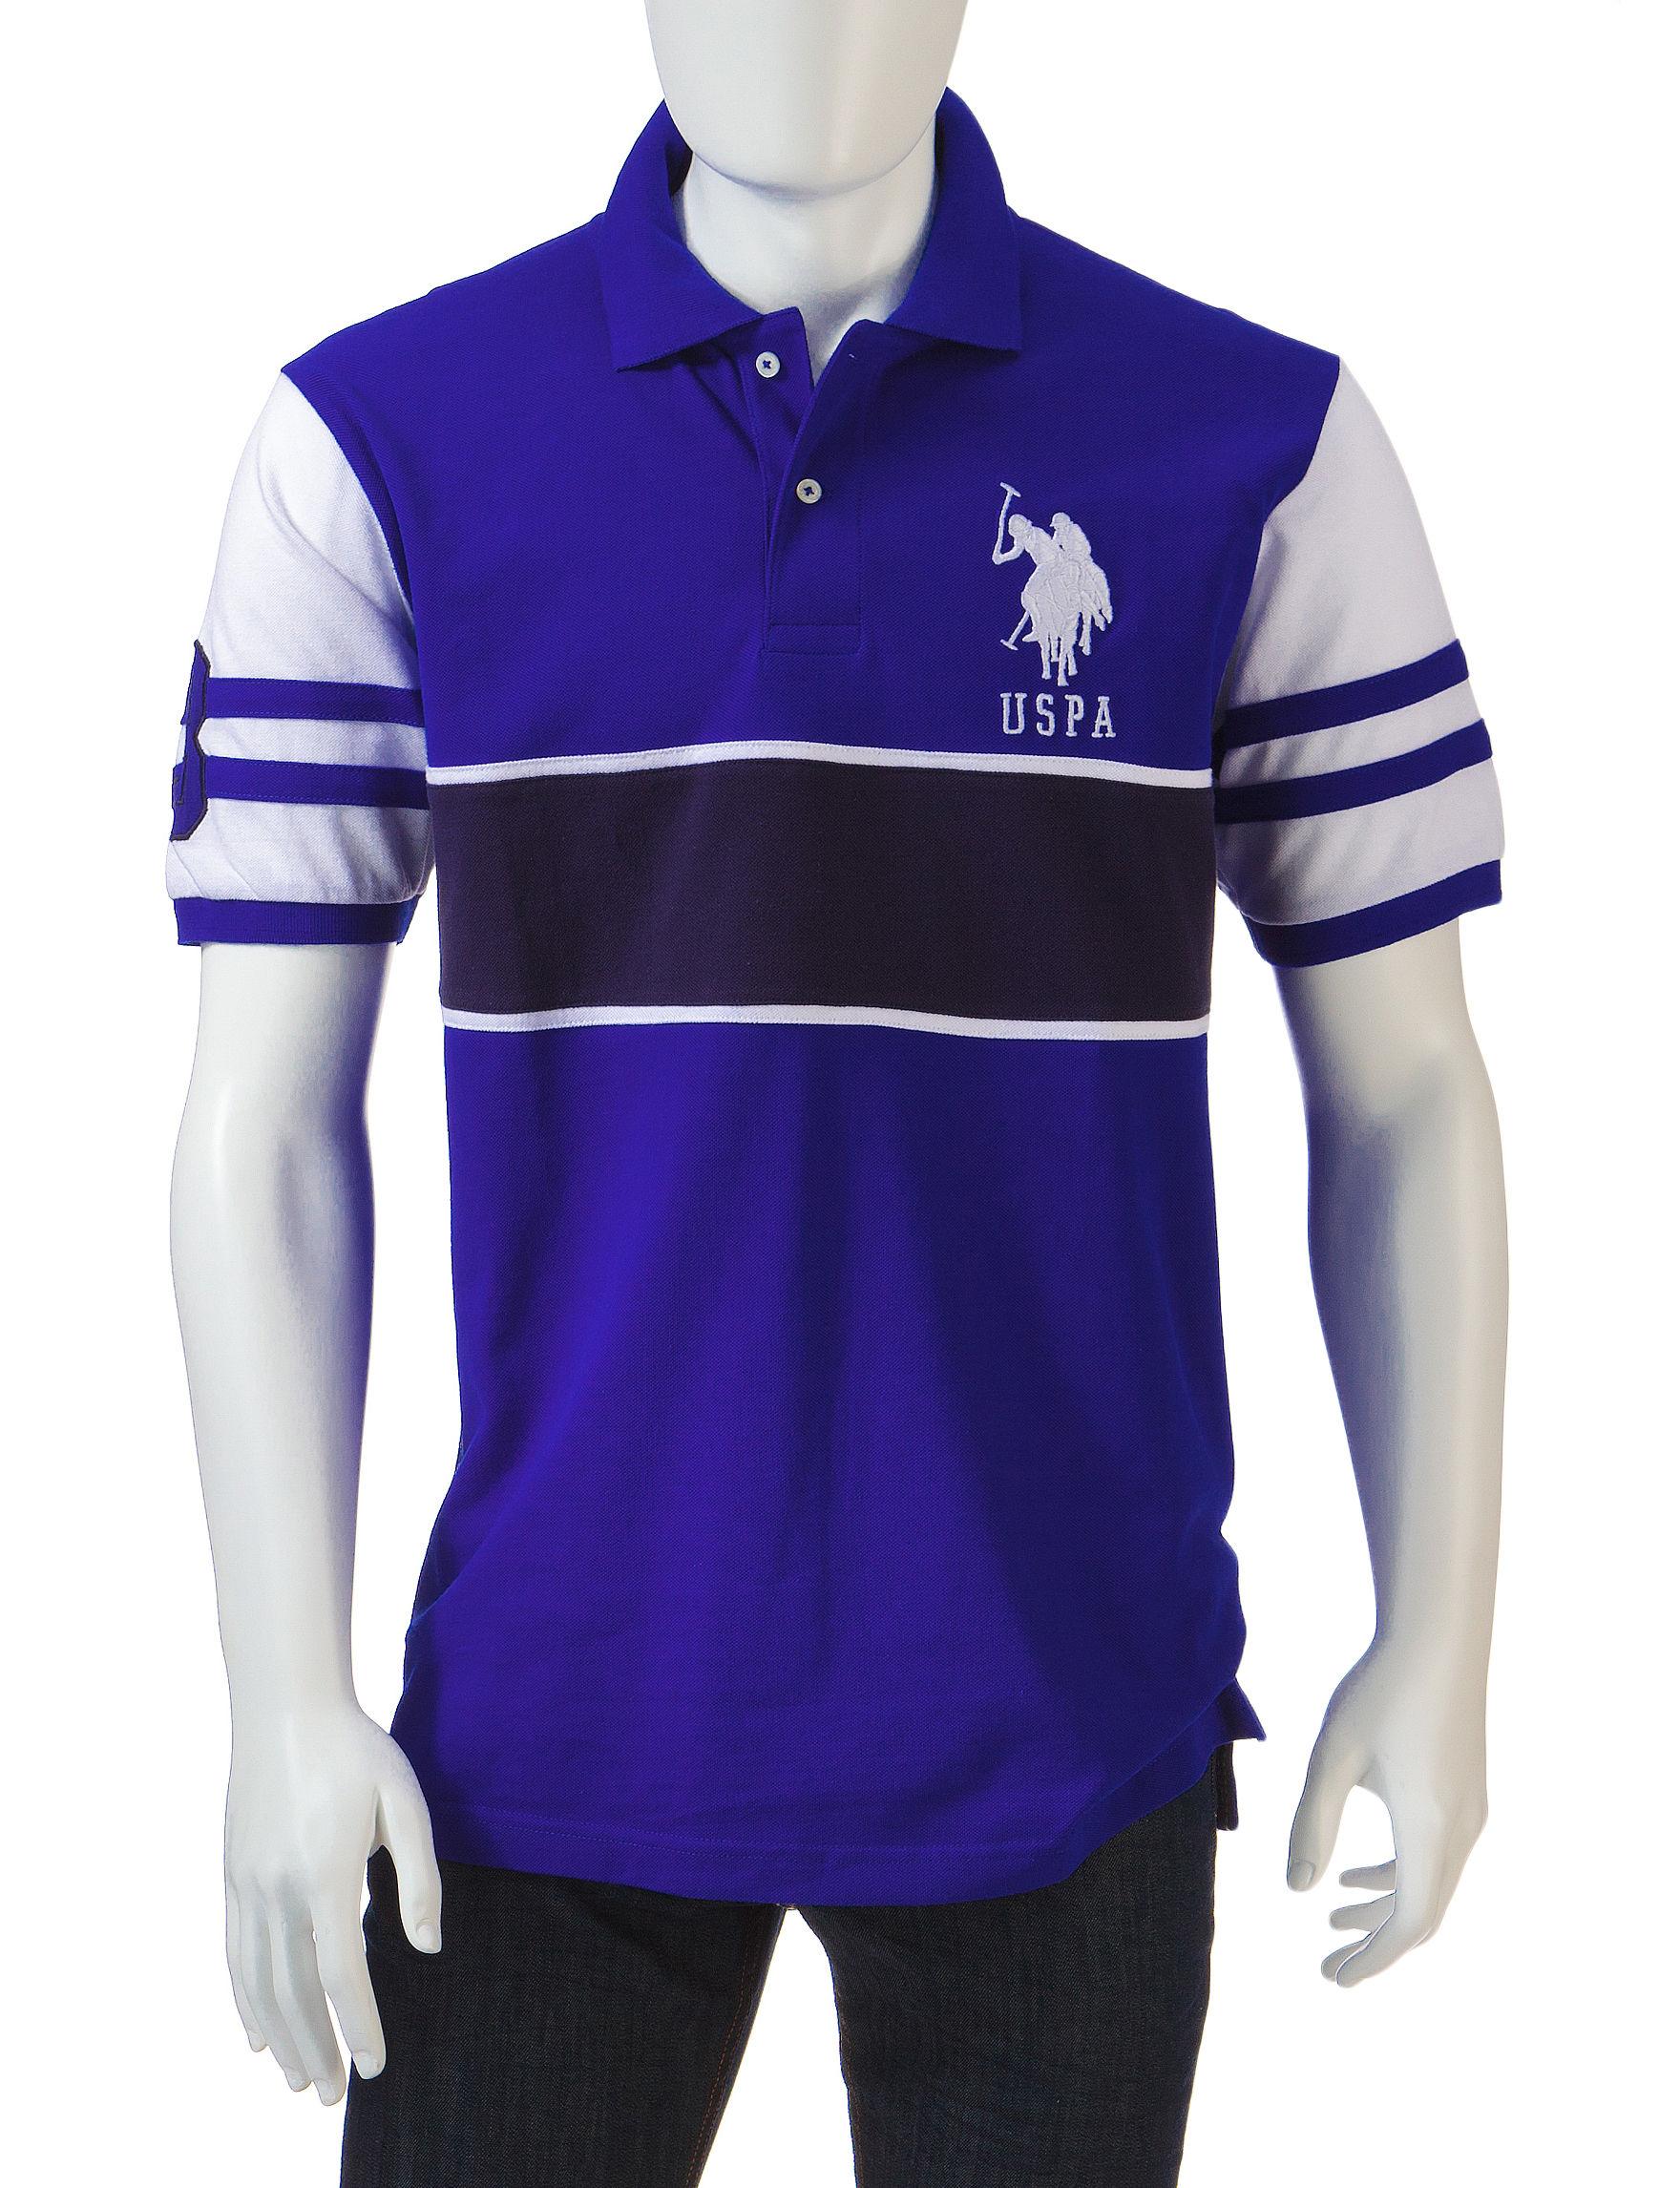 U.S. Polo Assn. Blue Polos